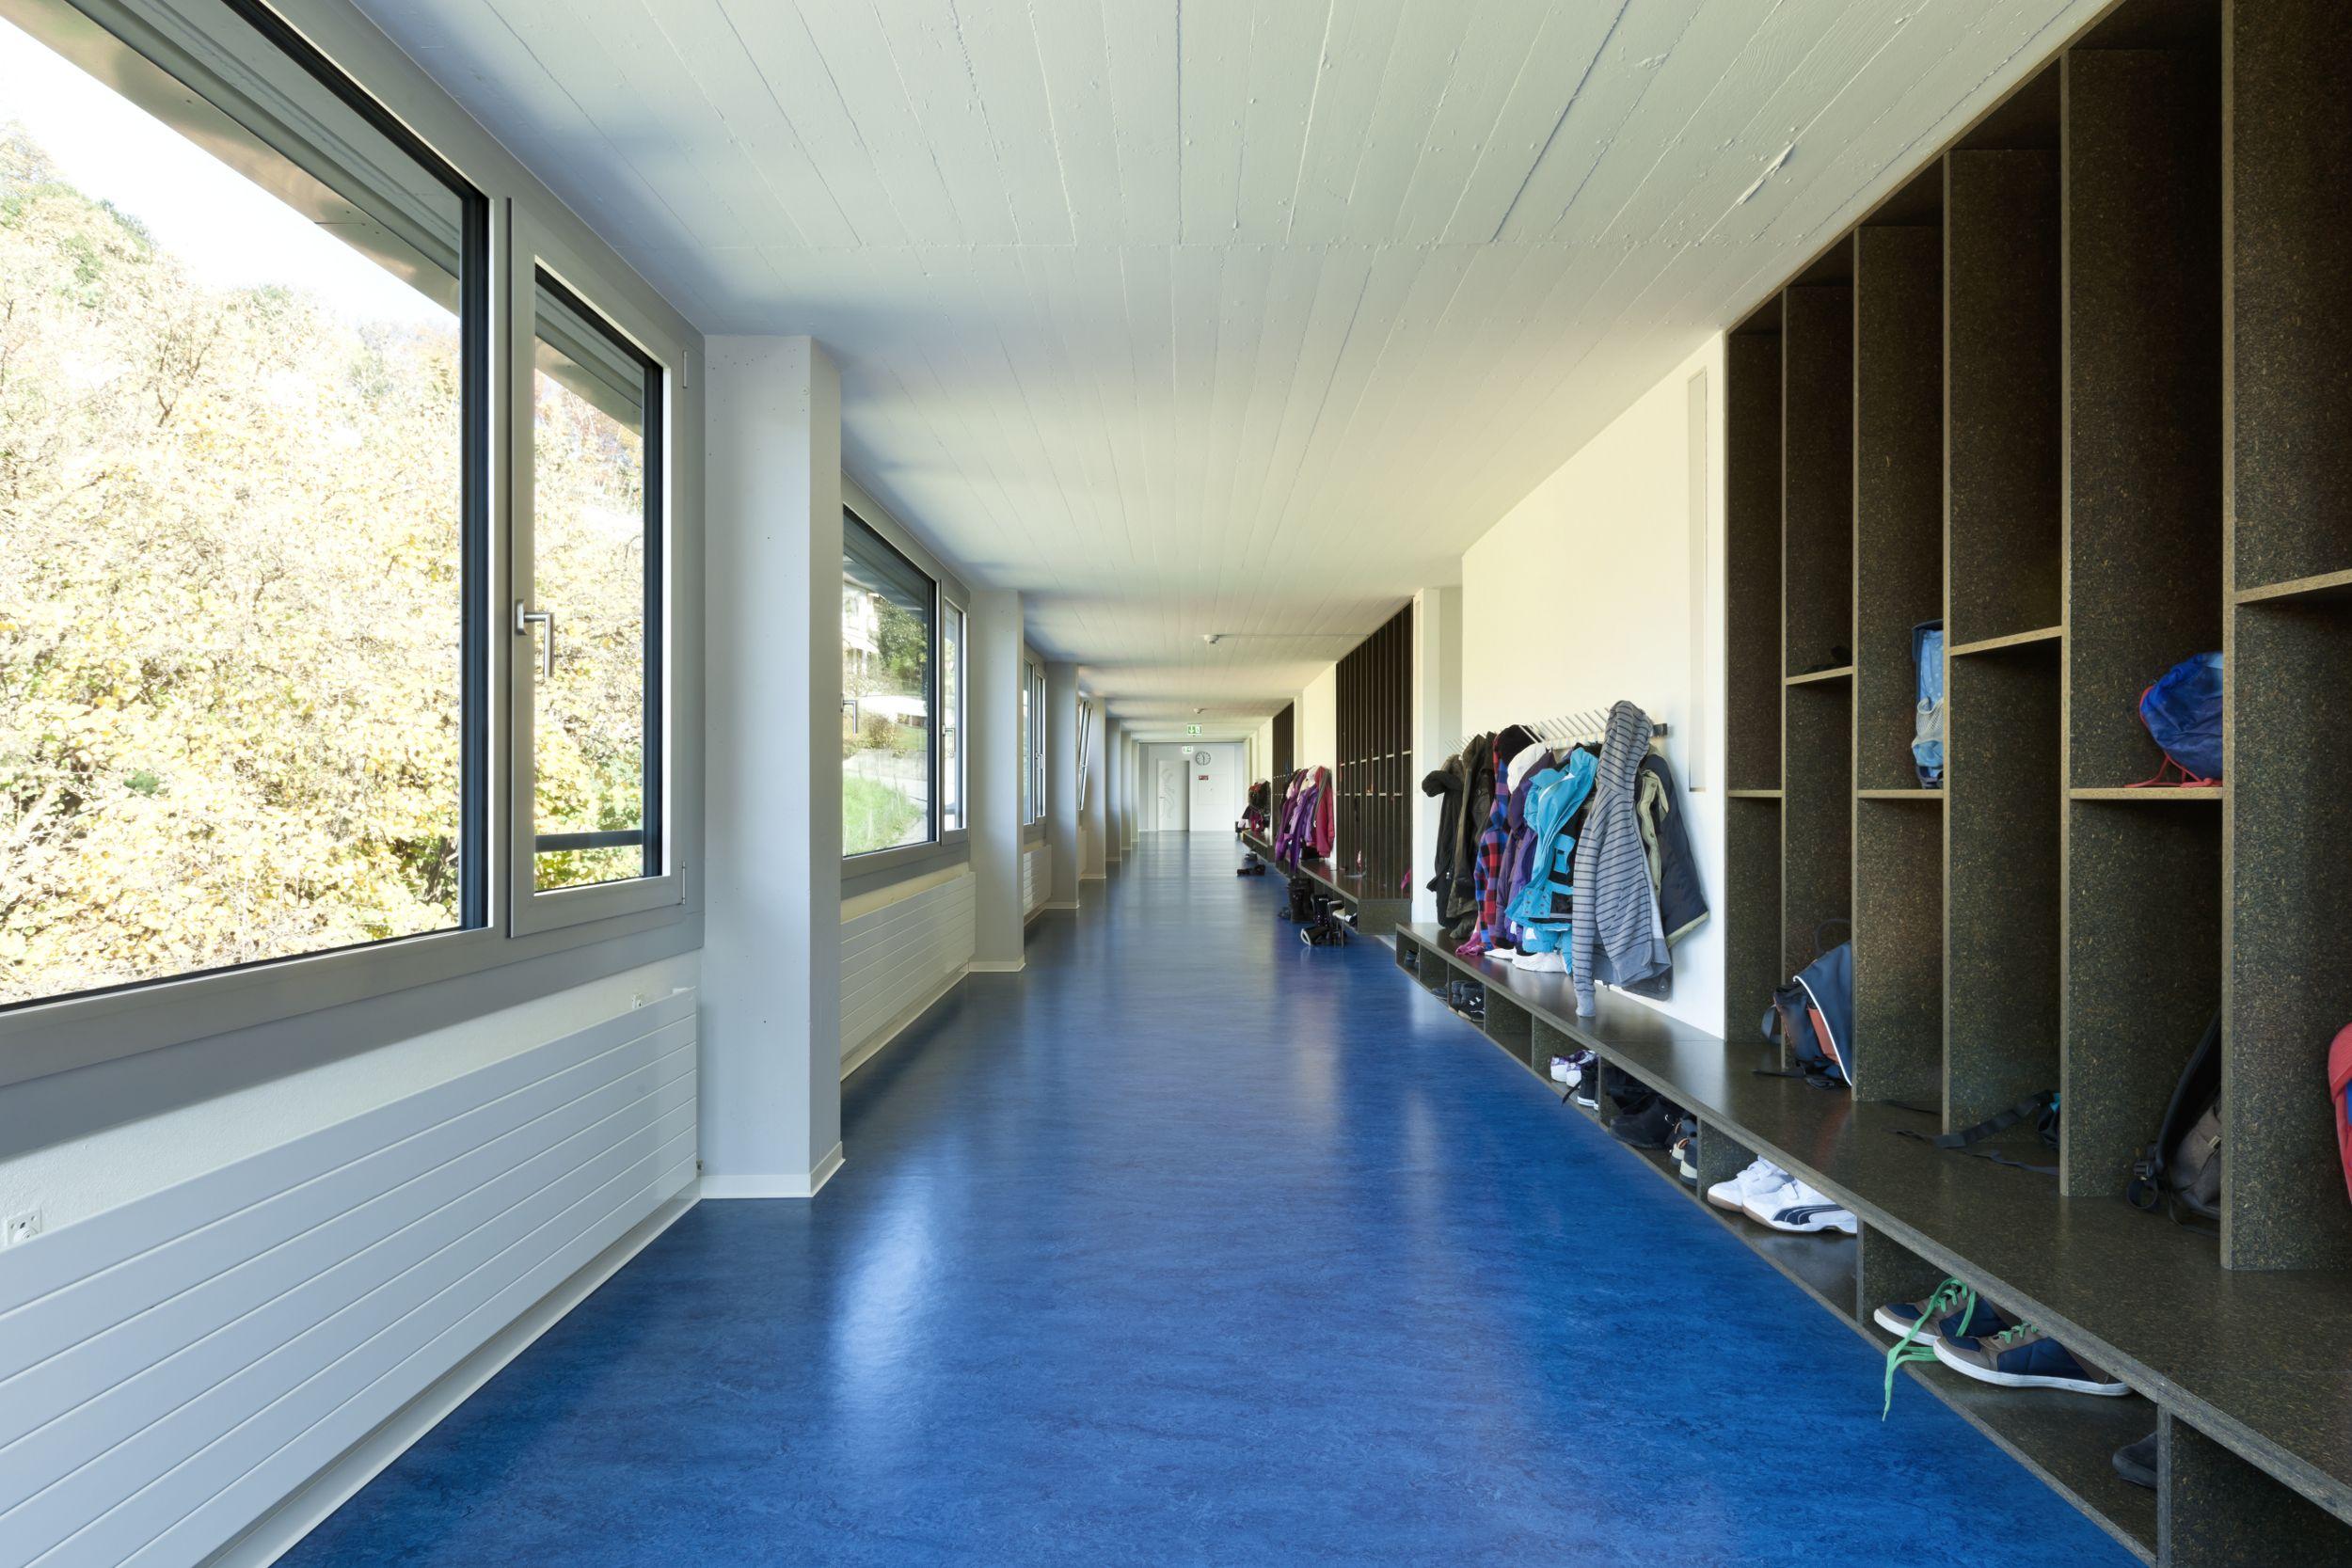 Vloer advies voor laminaat tapijt vinyl en vloerkleden carpetright